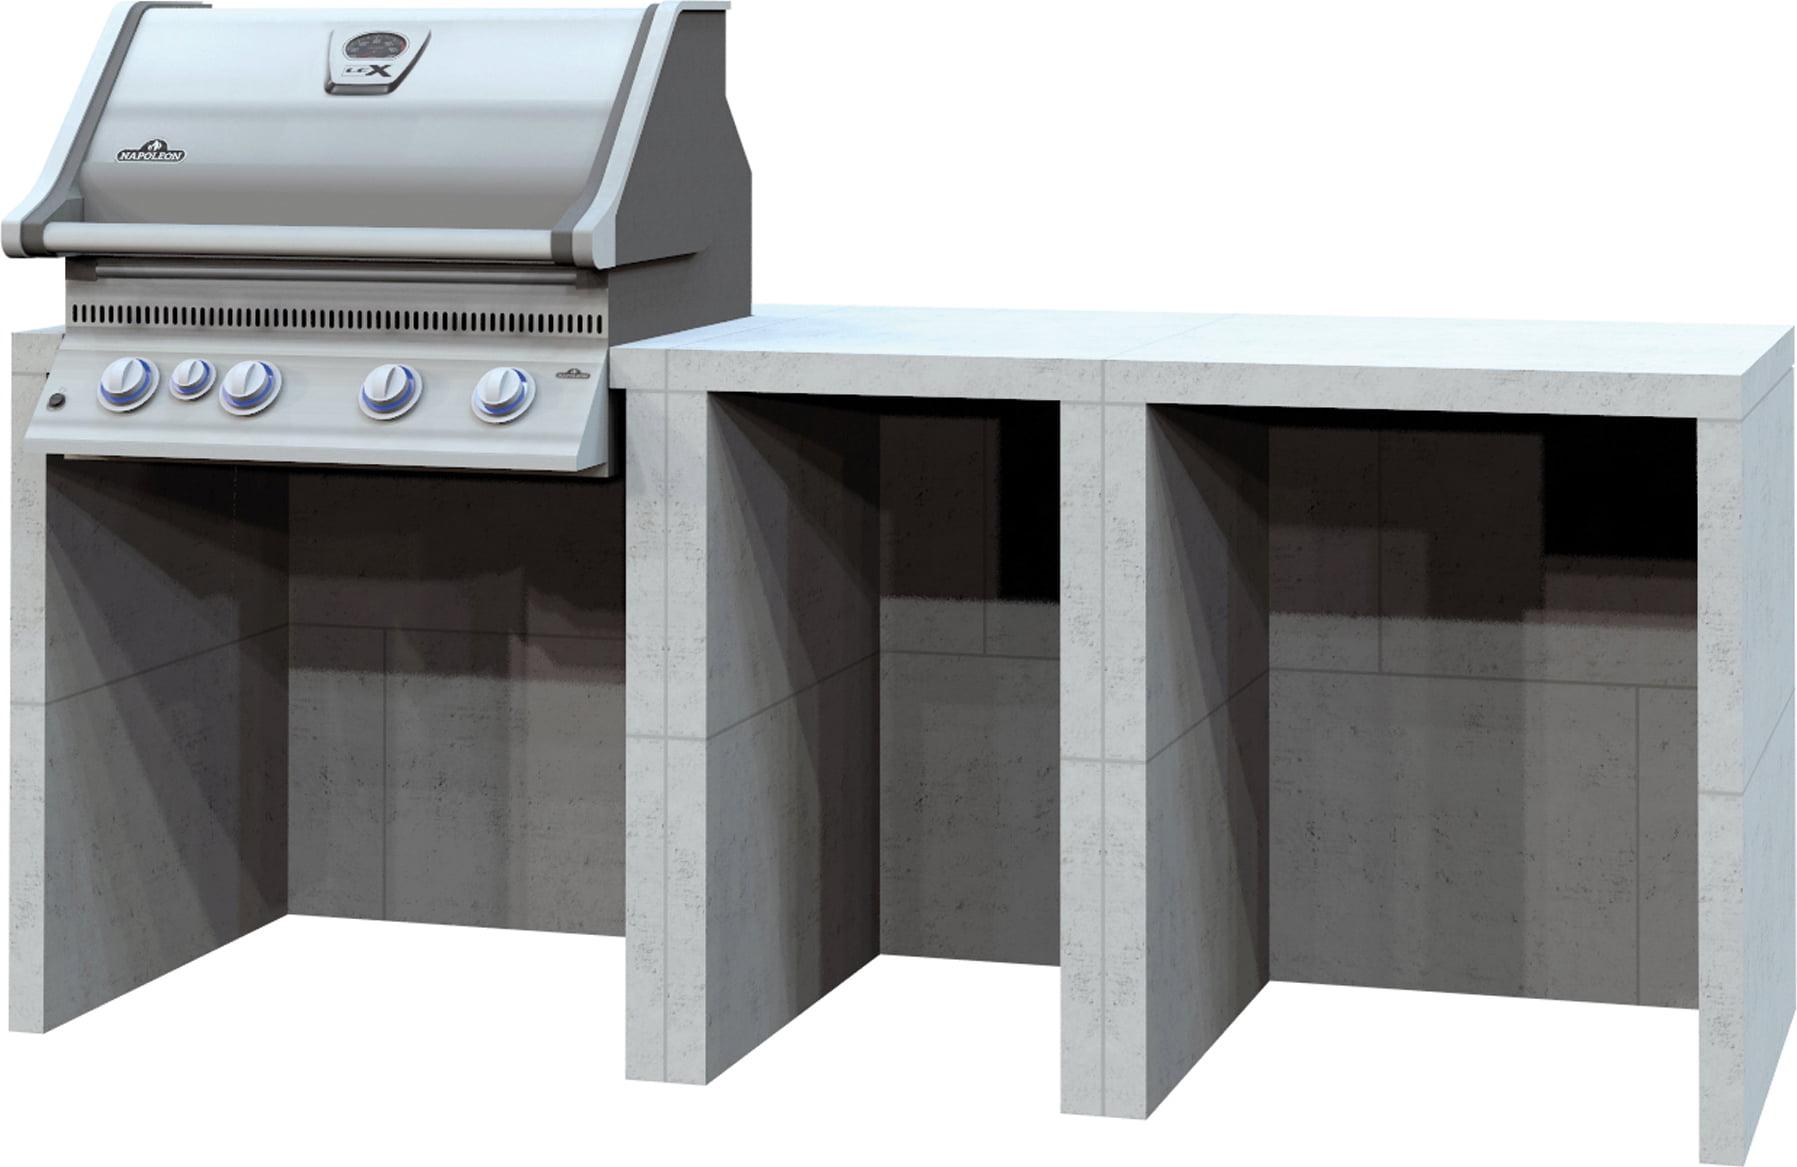 Full Size of Baumgartner Outdoorkche Mit Gasgrill Modul 1 Interismo Onlineshop Industrie Küche Einbau Mülleimer Ikea Kosten Modulküche Jalousieschrank Wohnzimmer Outdoor Küche